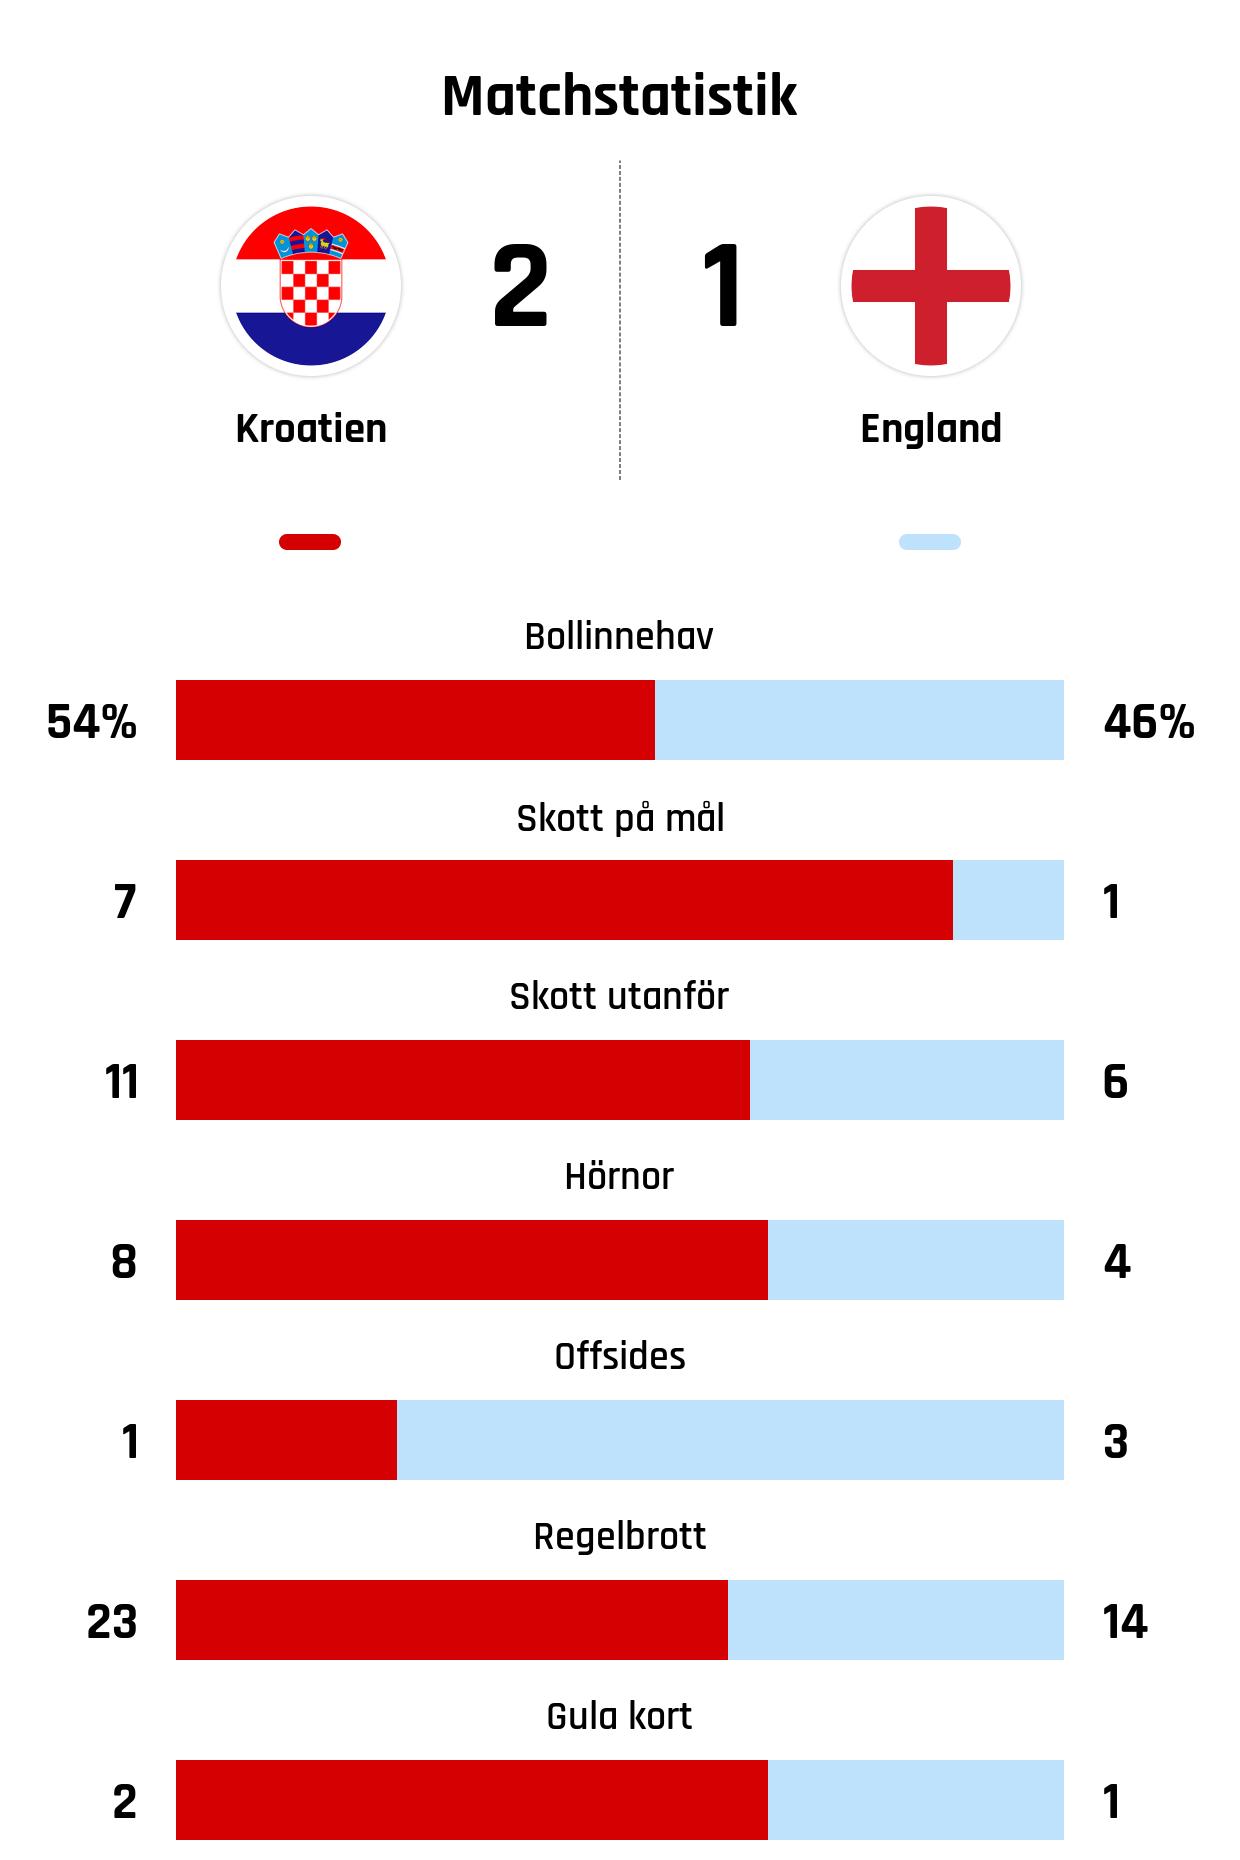 Bollinnehav 54%-46%<br />Skott på mål 7-1<br />Skott utanför 11-6<br />Hörnor 8-4<br />Offsides 1-3<br />Regelbrott 23-14<br />Gula kort 2-1